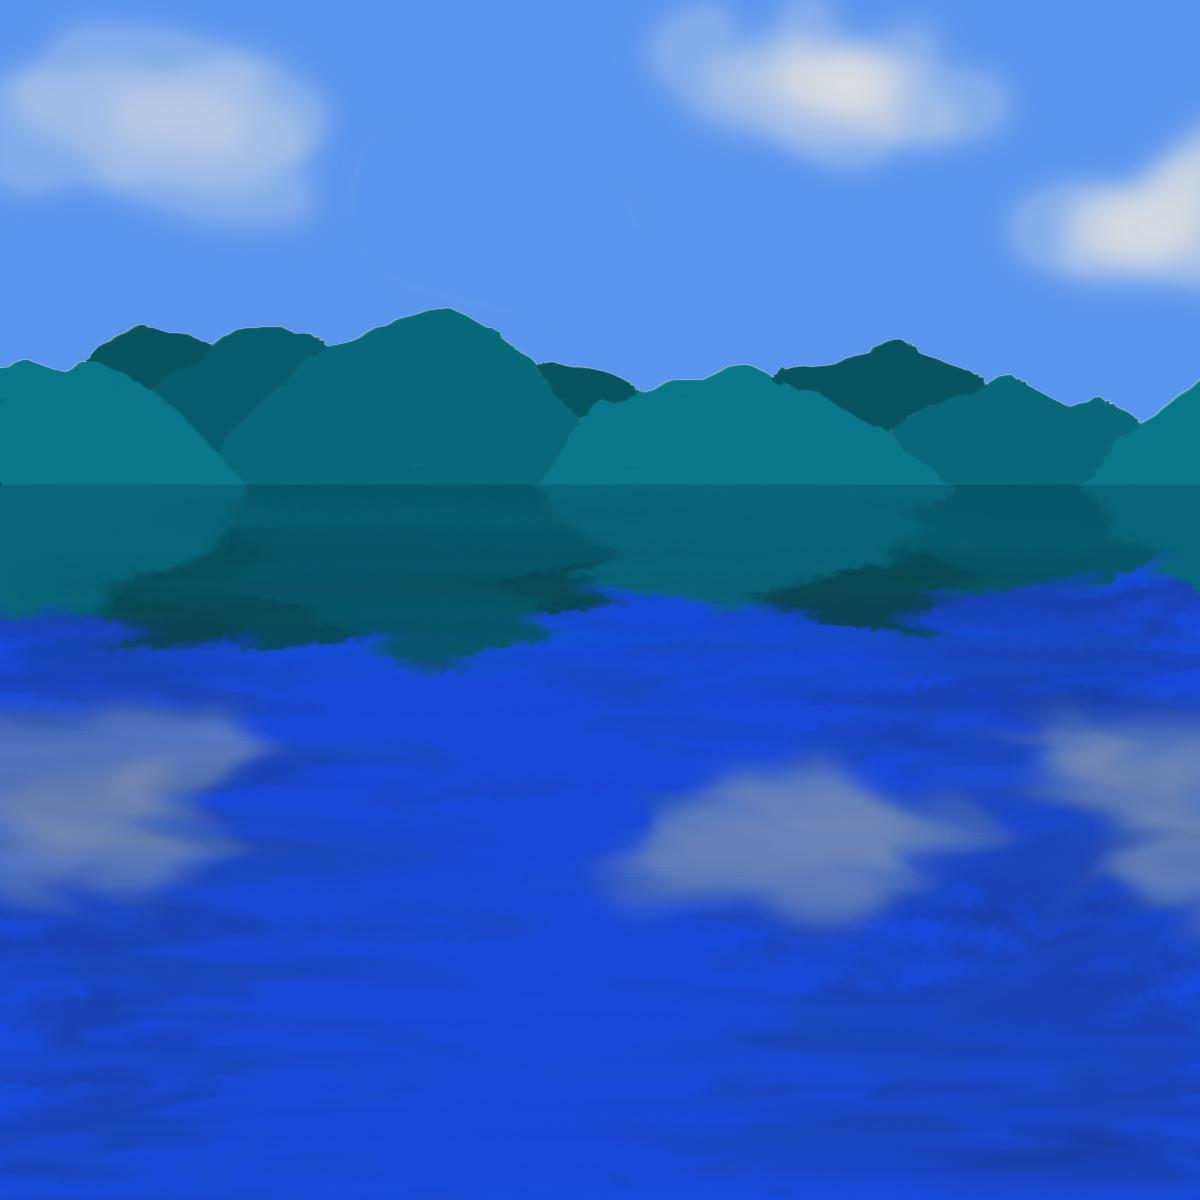 Mountains by a lake